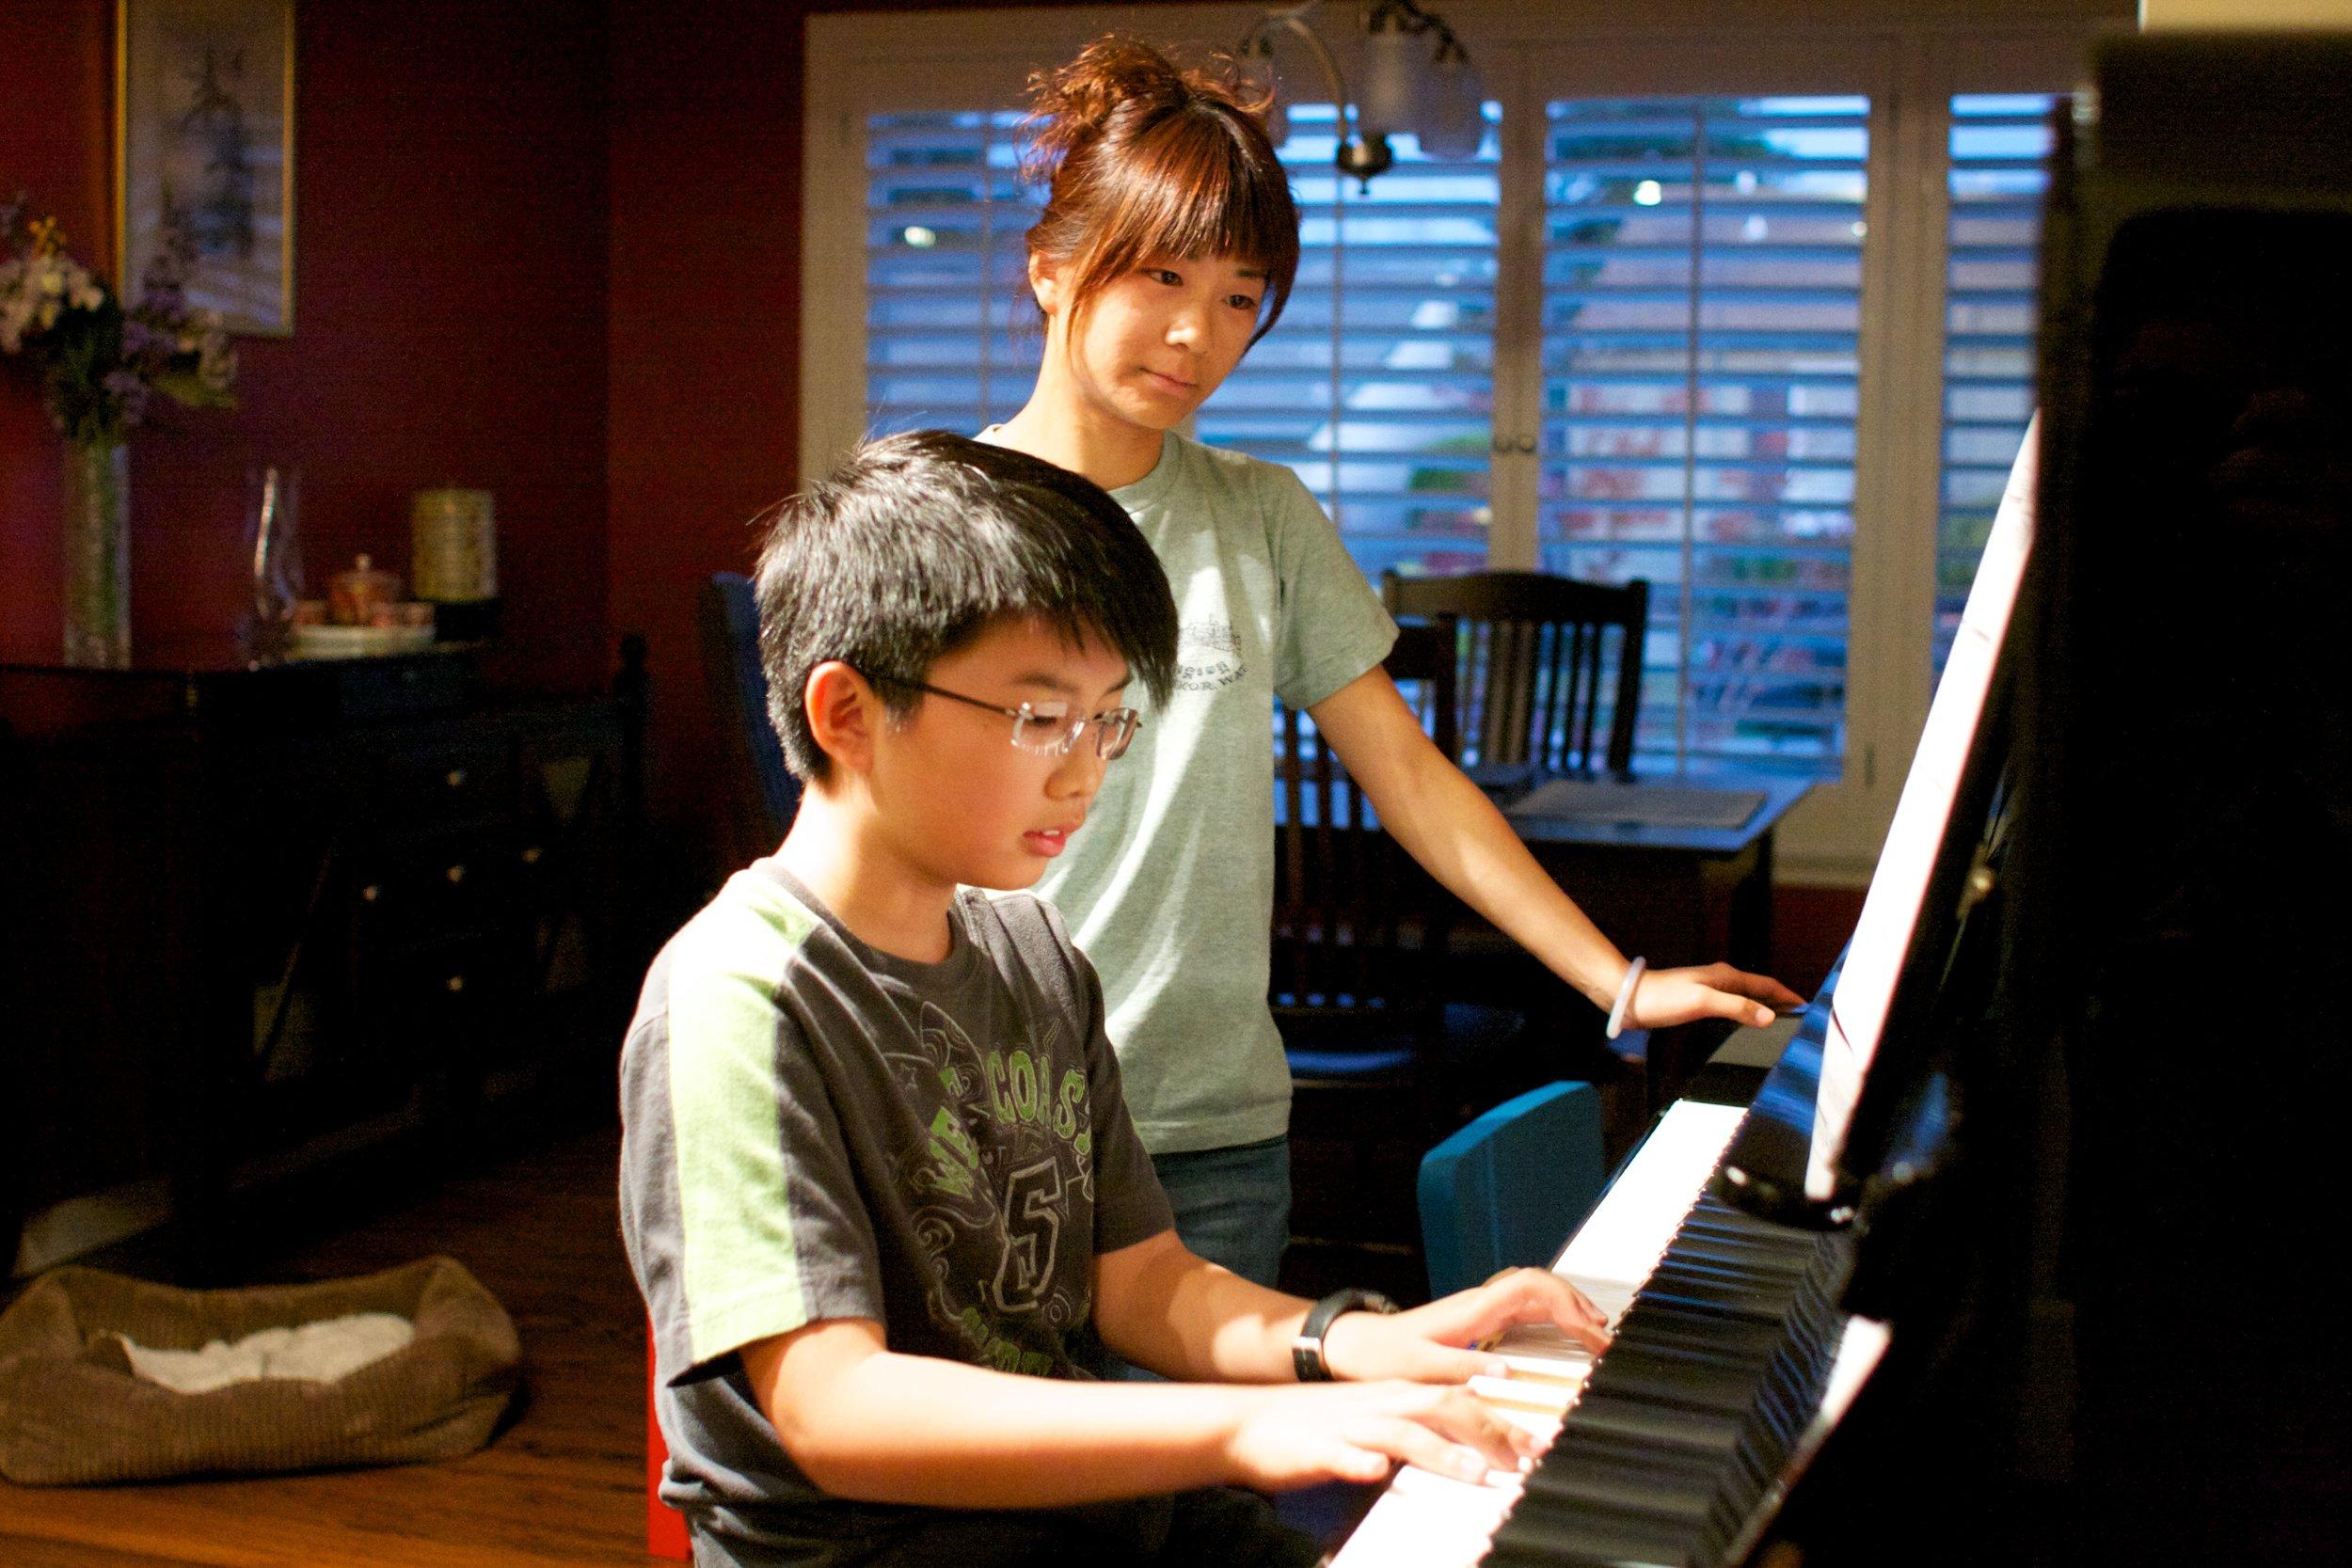 Certificate of Merit    Take lessons to prepare for the Music Teacher's Association Certificate of Merit exam program.